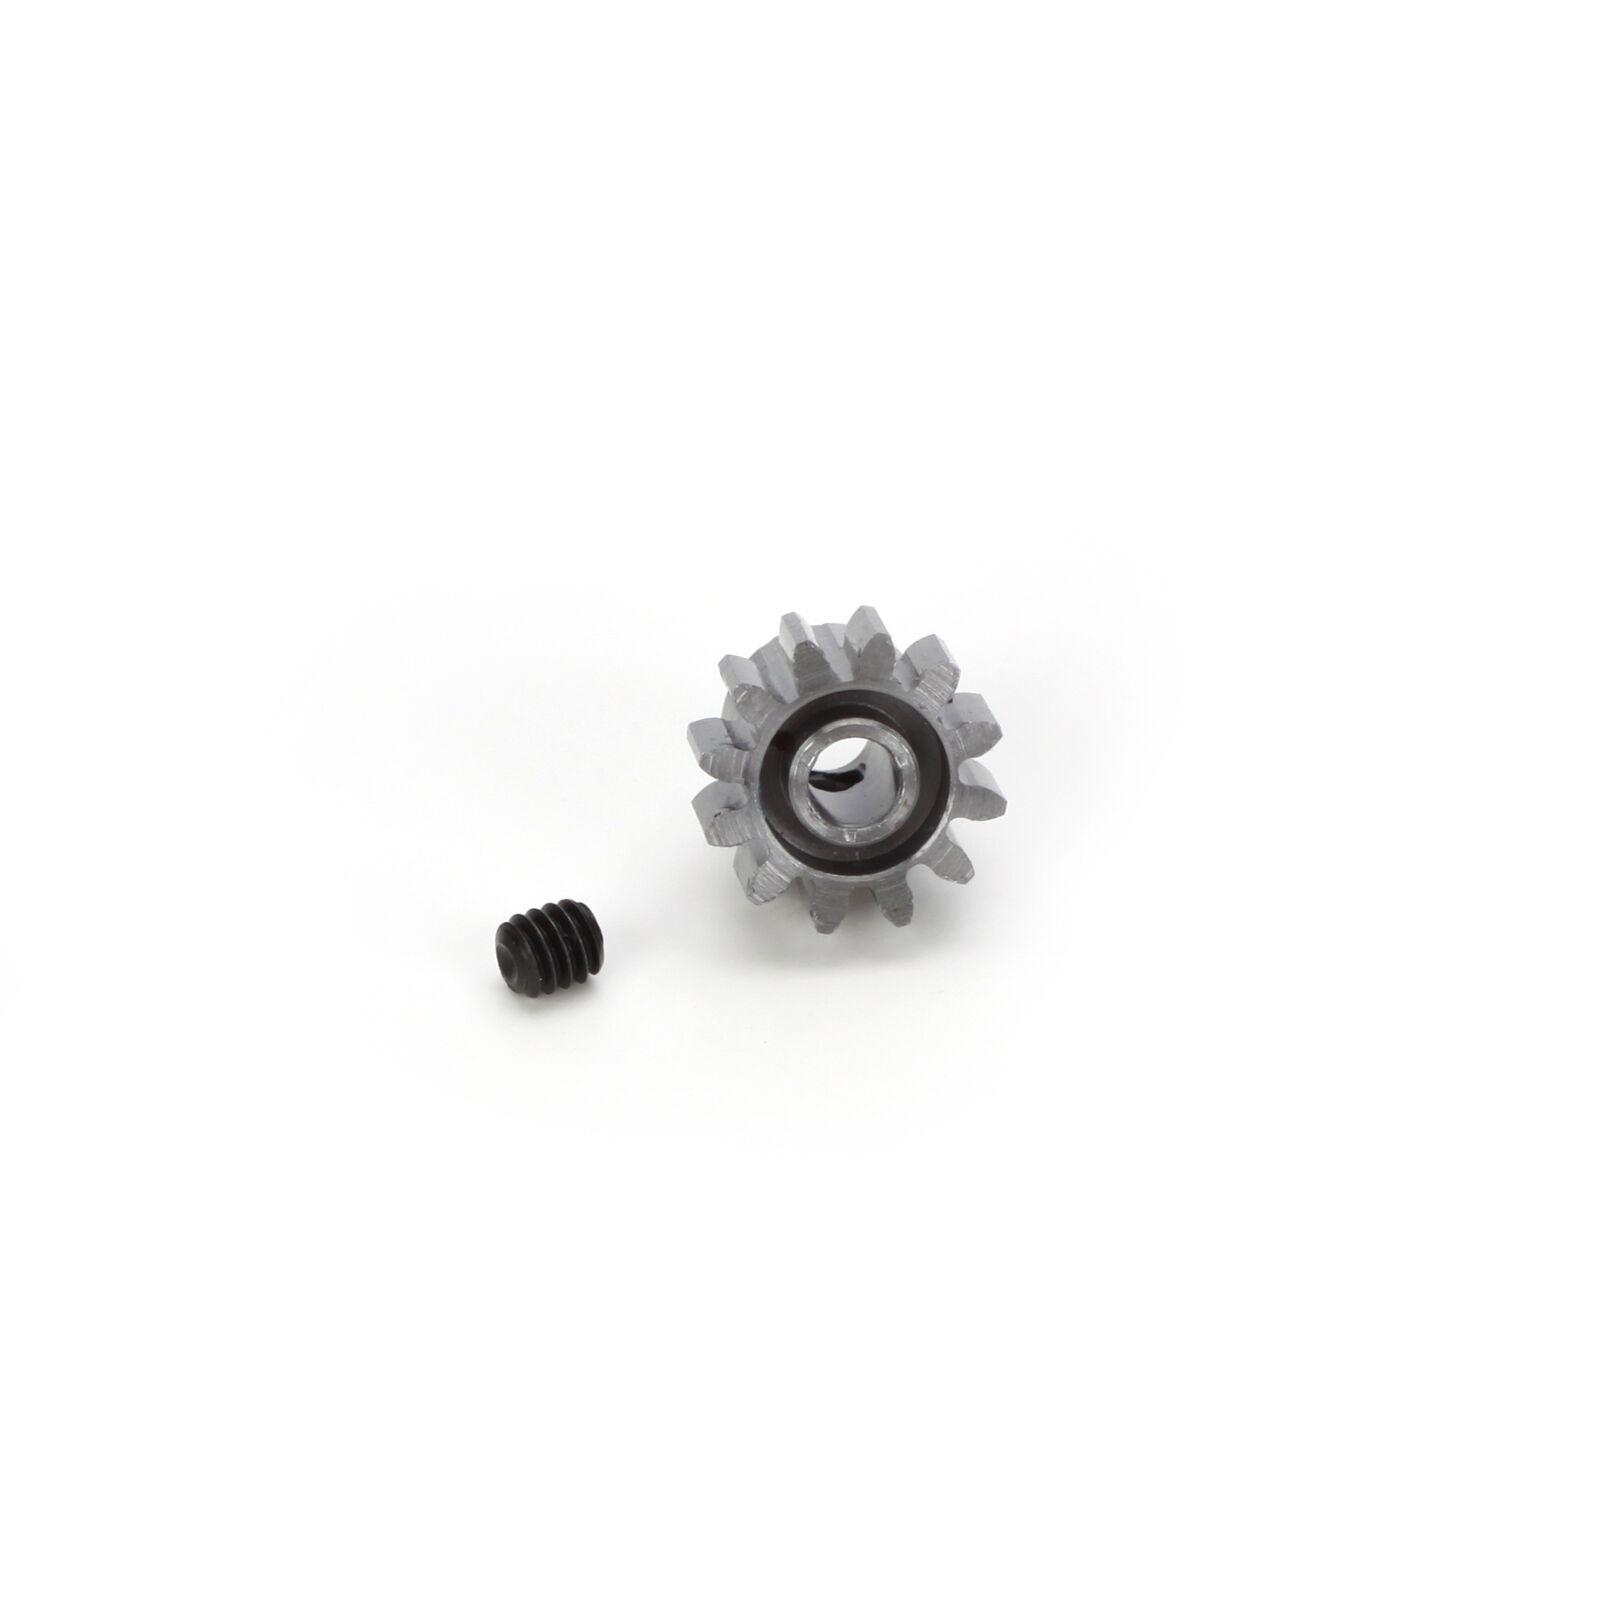 32P Alloy Pinion Gear, 12T